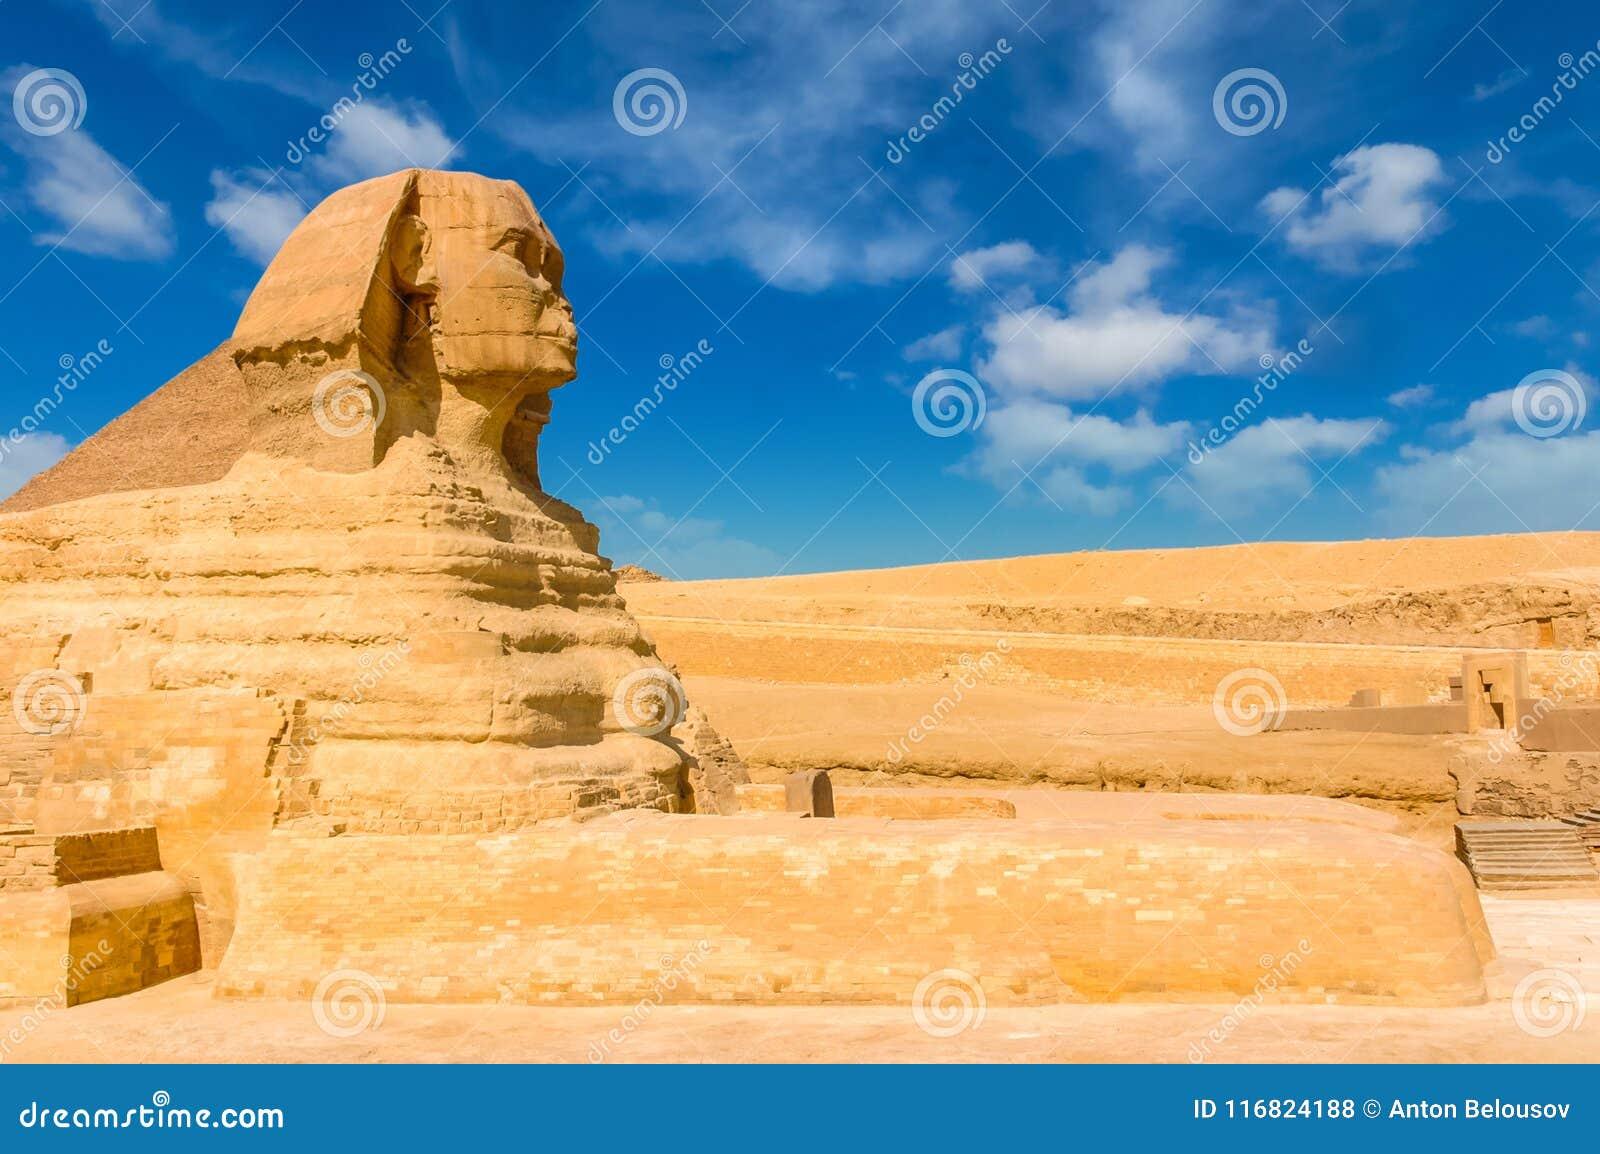 埃及狮身人面象 开罗 吉萨棉 埃及 背景更多我的投资组合旅行 Architec